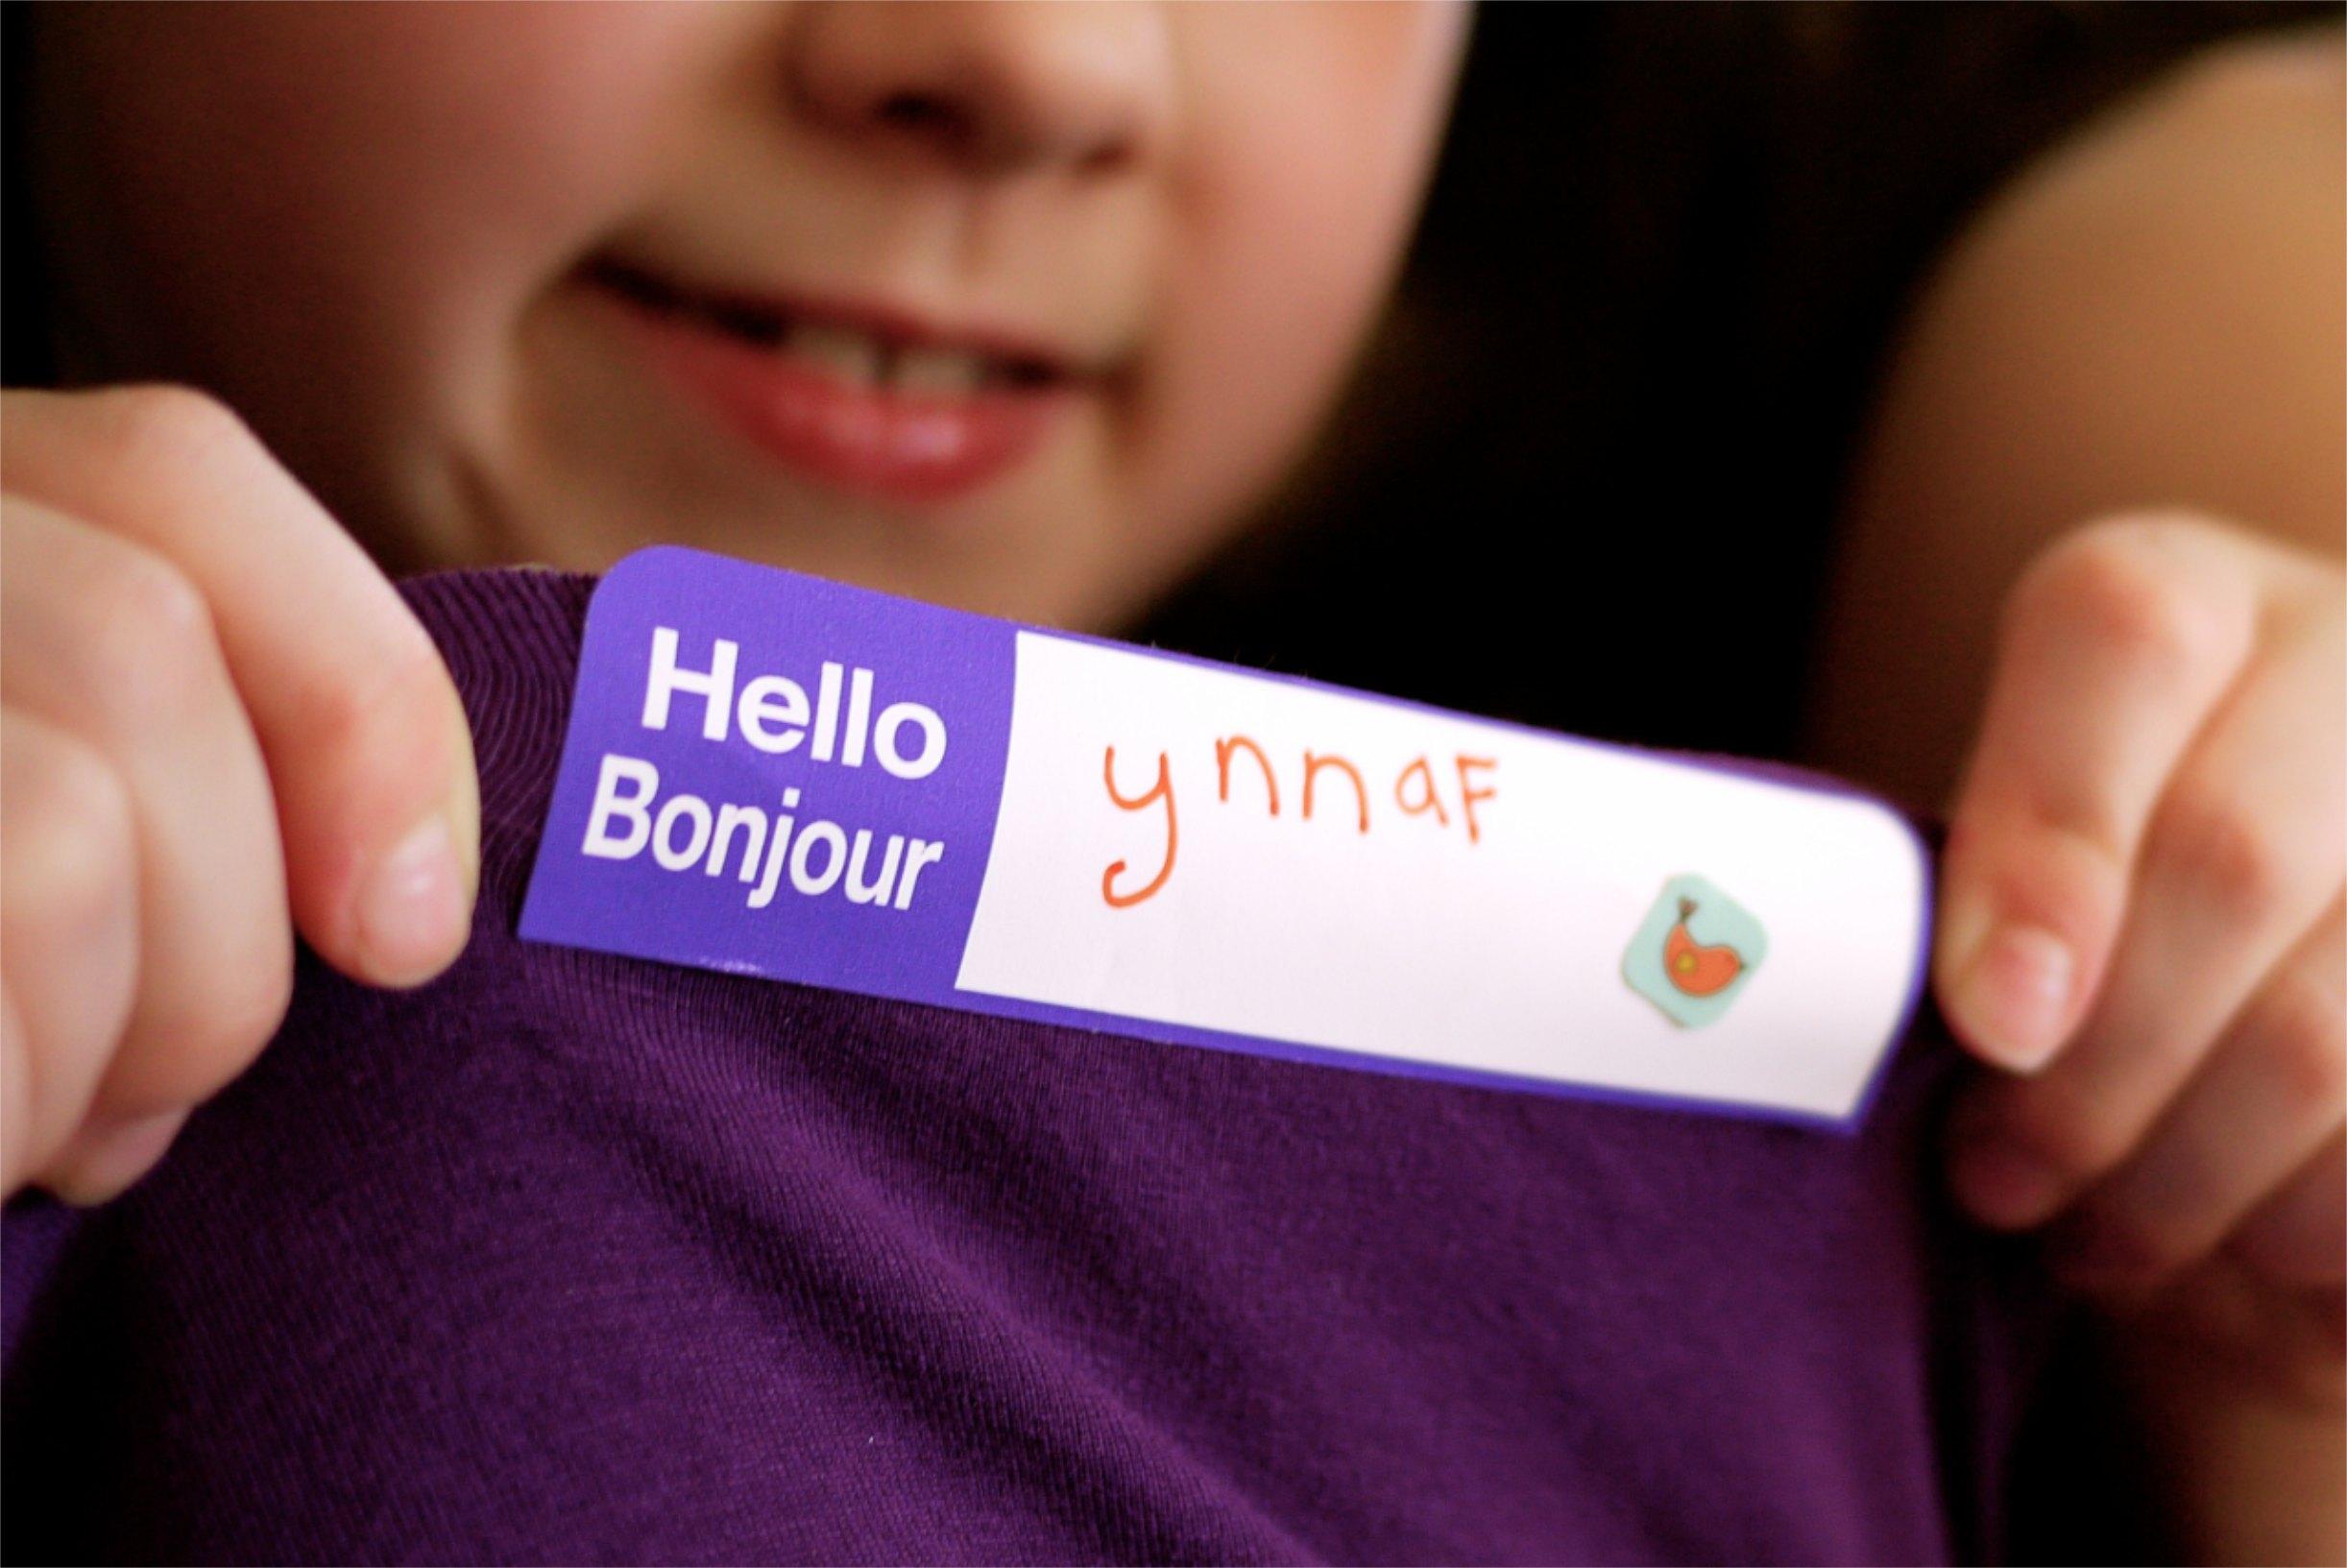 Chaque enfant avait une étiquette avec son nom à l'envers.